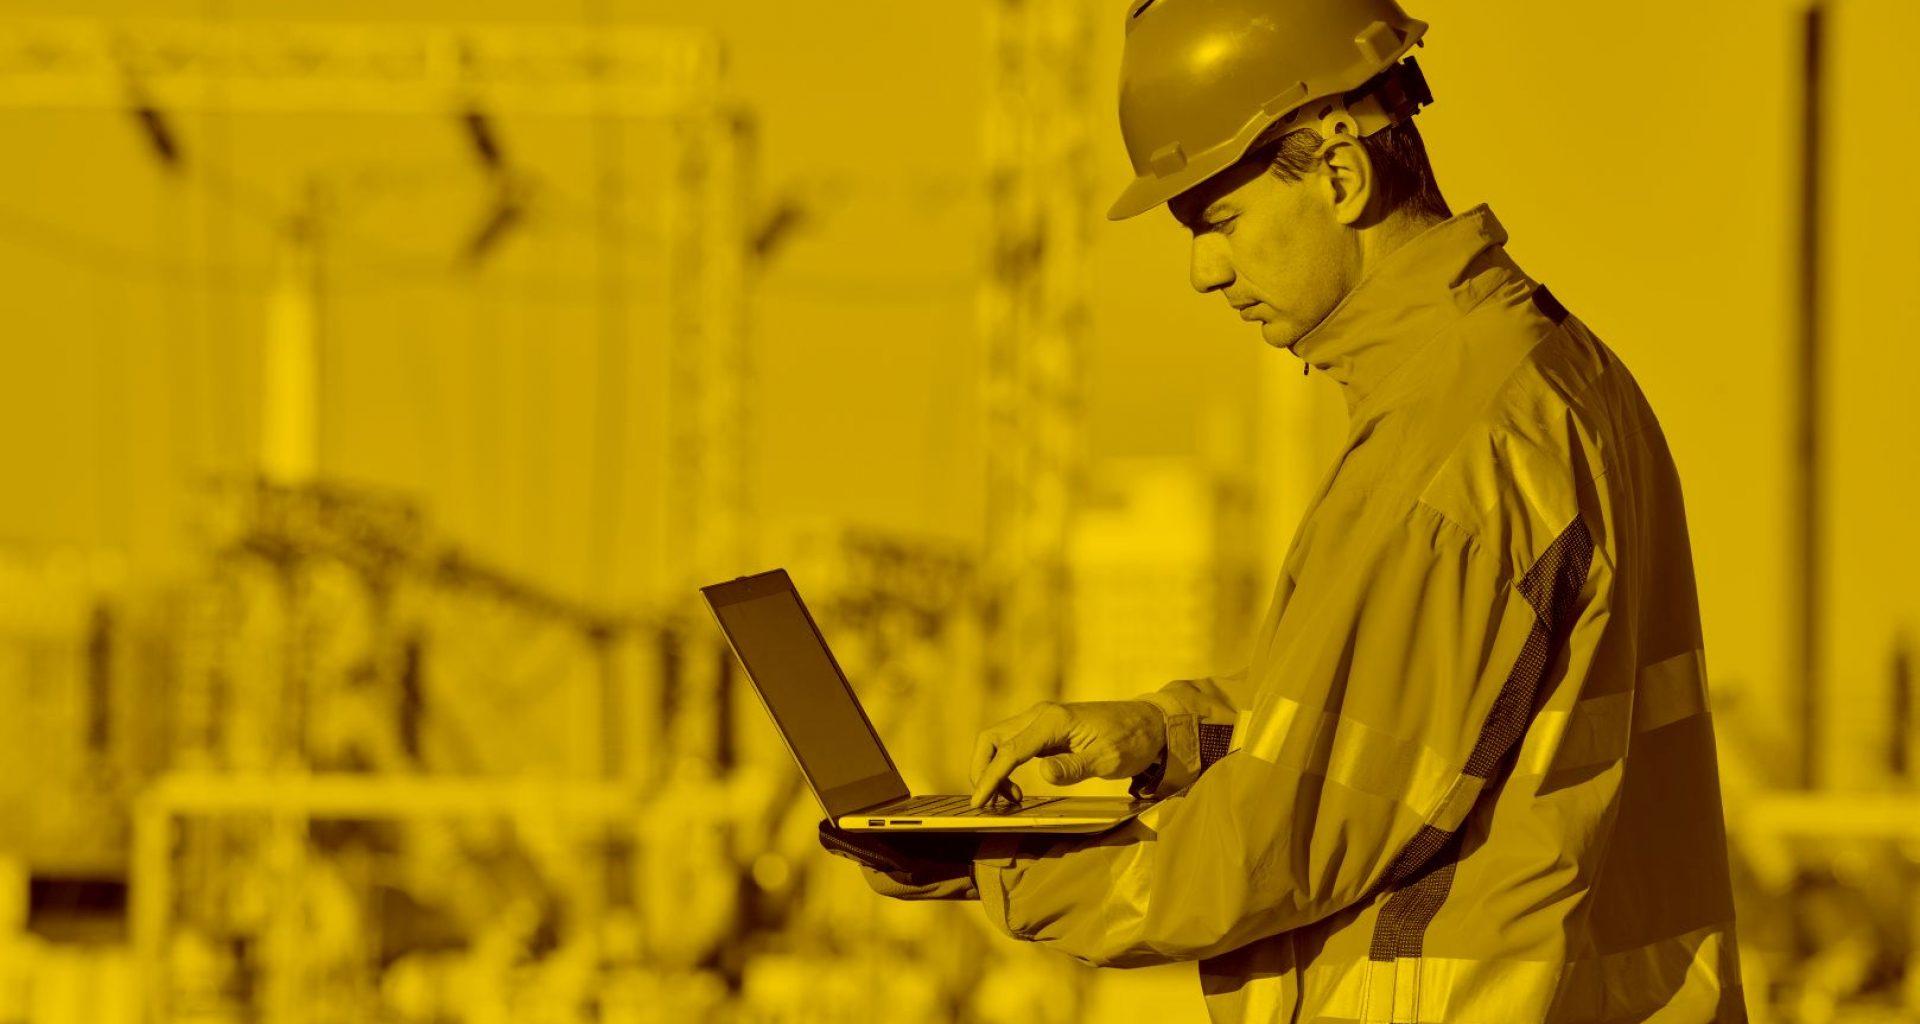 Bauarbeiter mit Macbook und WinWorker